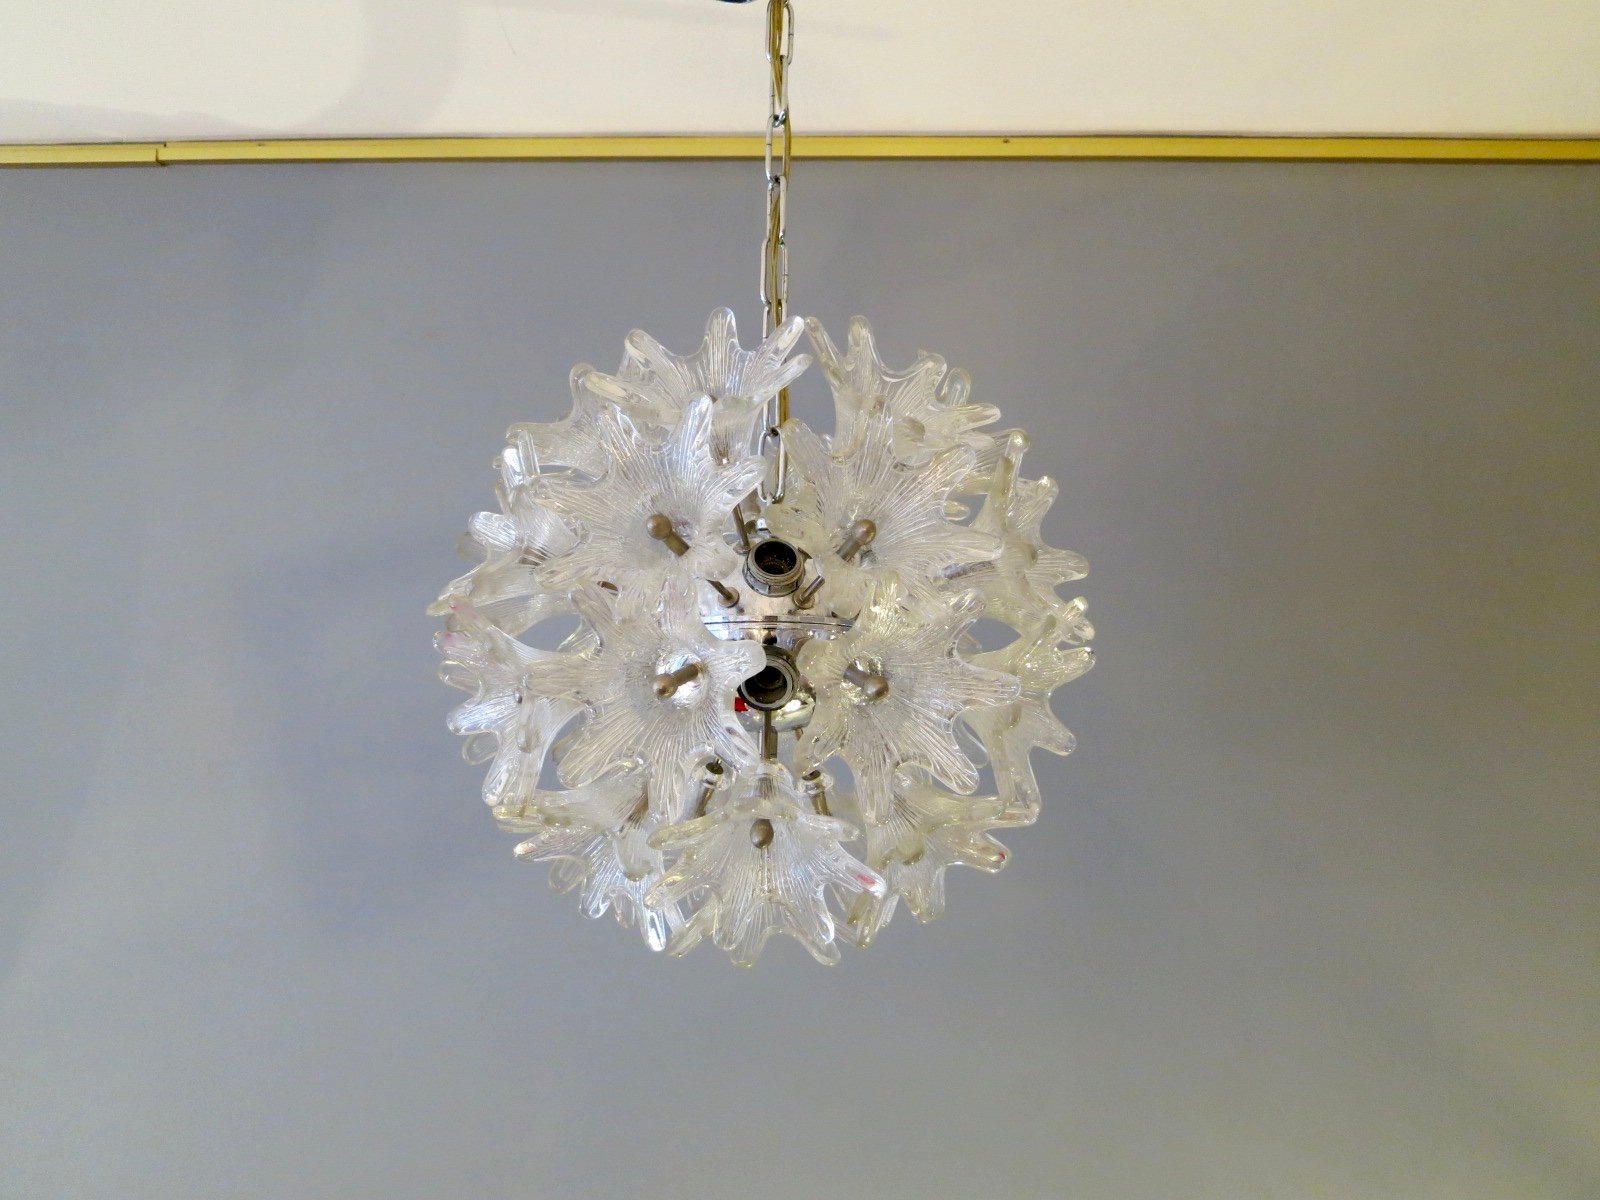 lustre fleur en verre murano 1960s 1 Résultat Supérieur 15 Frais Lustre Fleur Photographie 2017 Hjr2